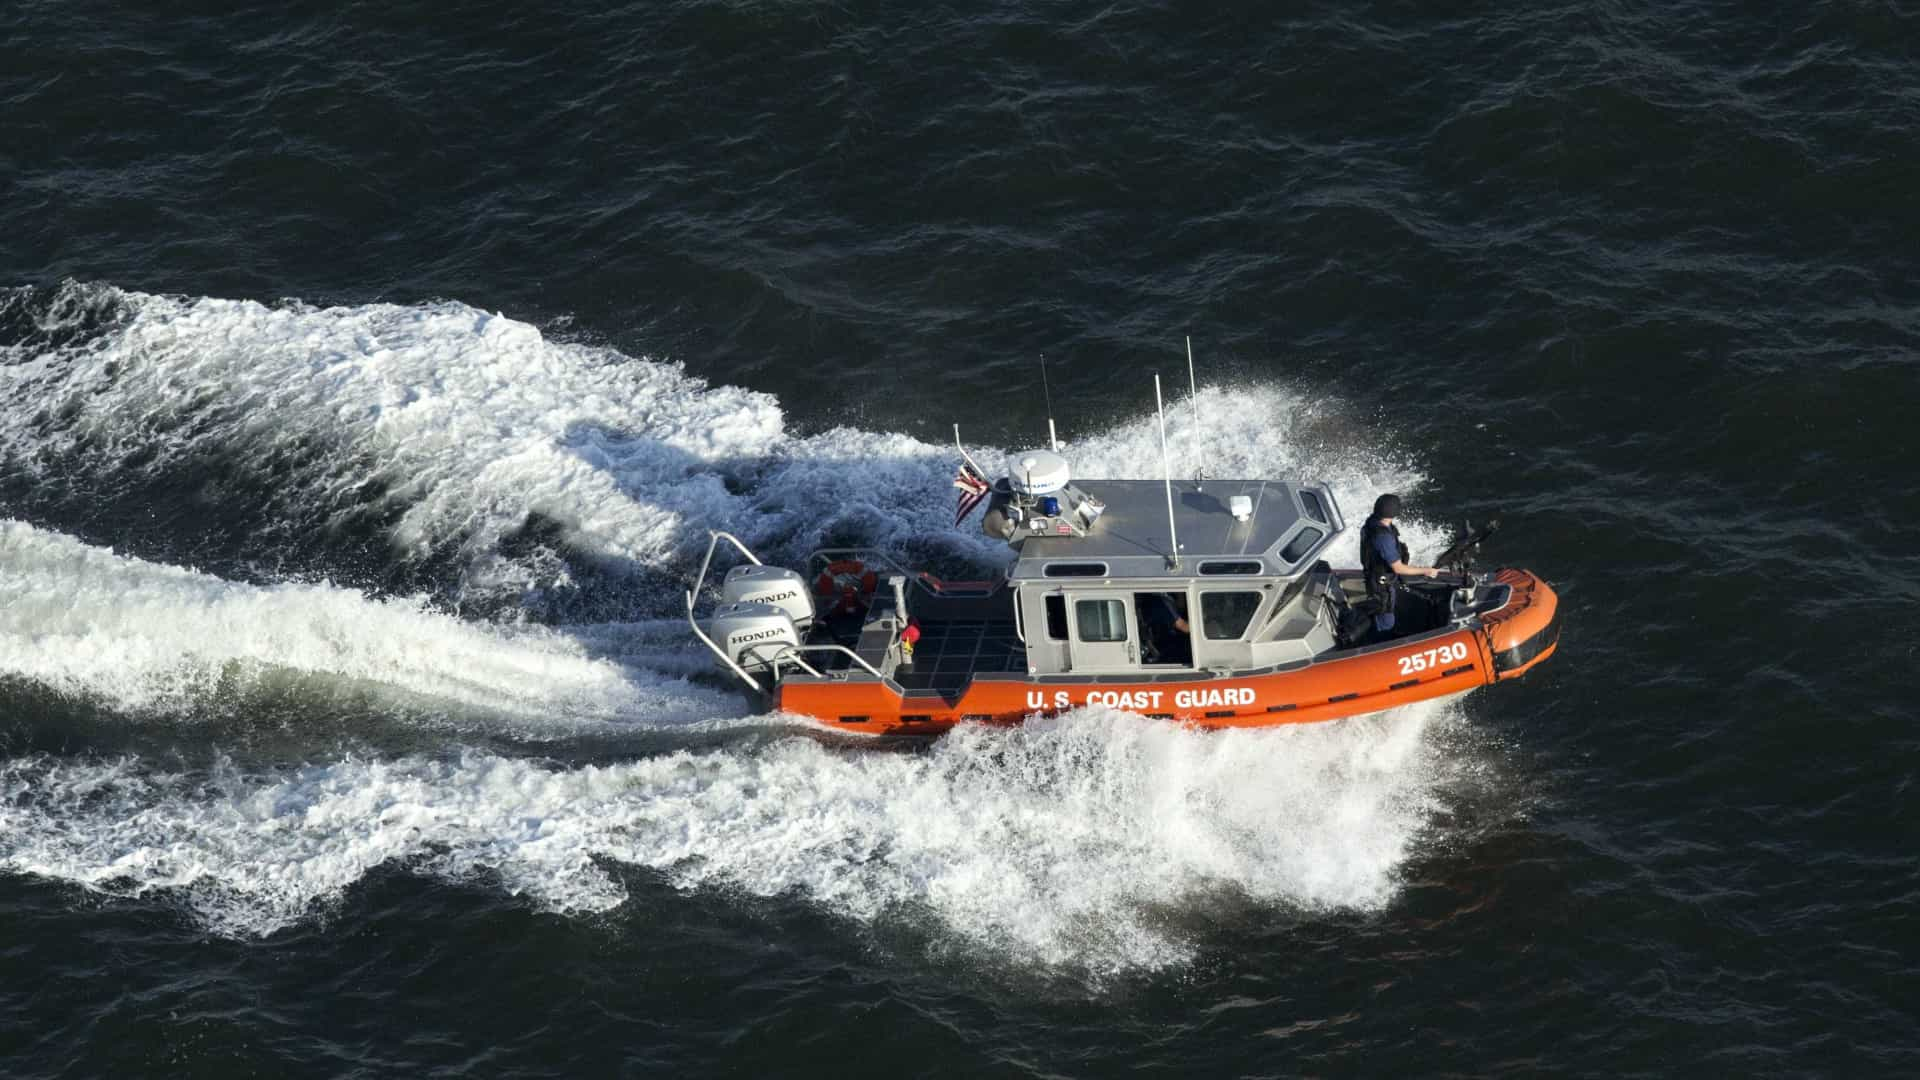 cinco pescadores mortos em naufr u00e1gio no alasca - primeiro di u00e1rio caboverdiano em linha